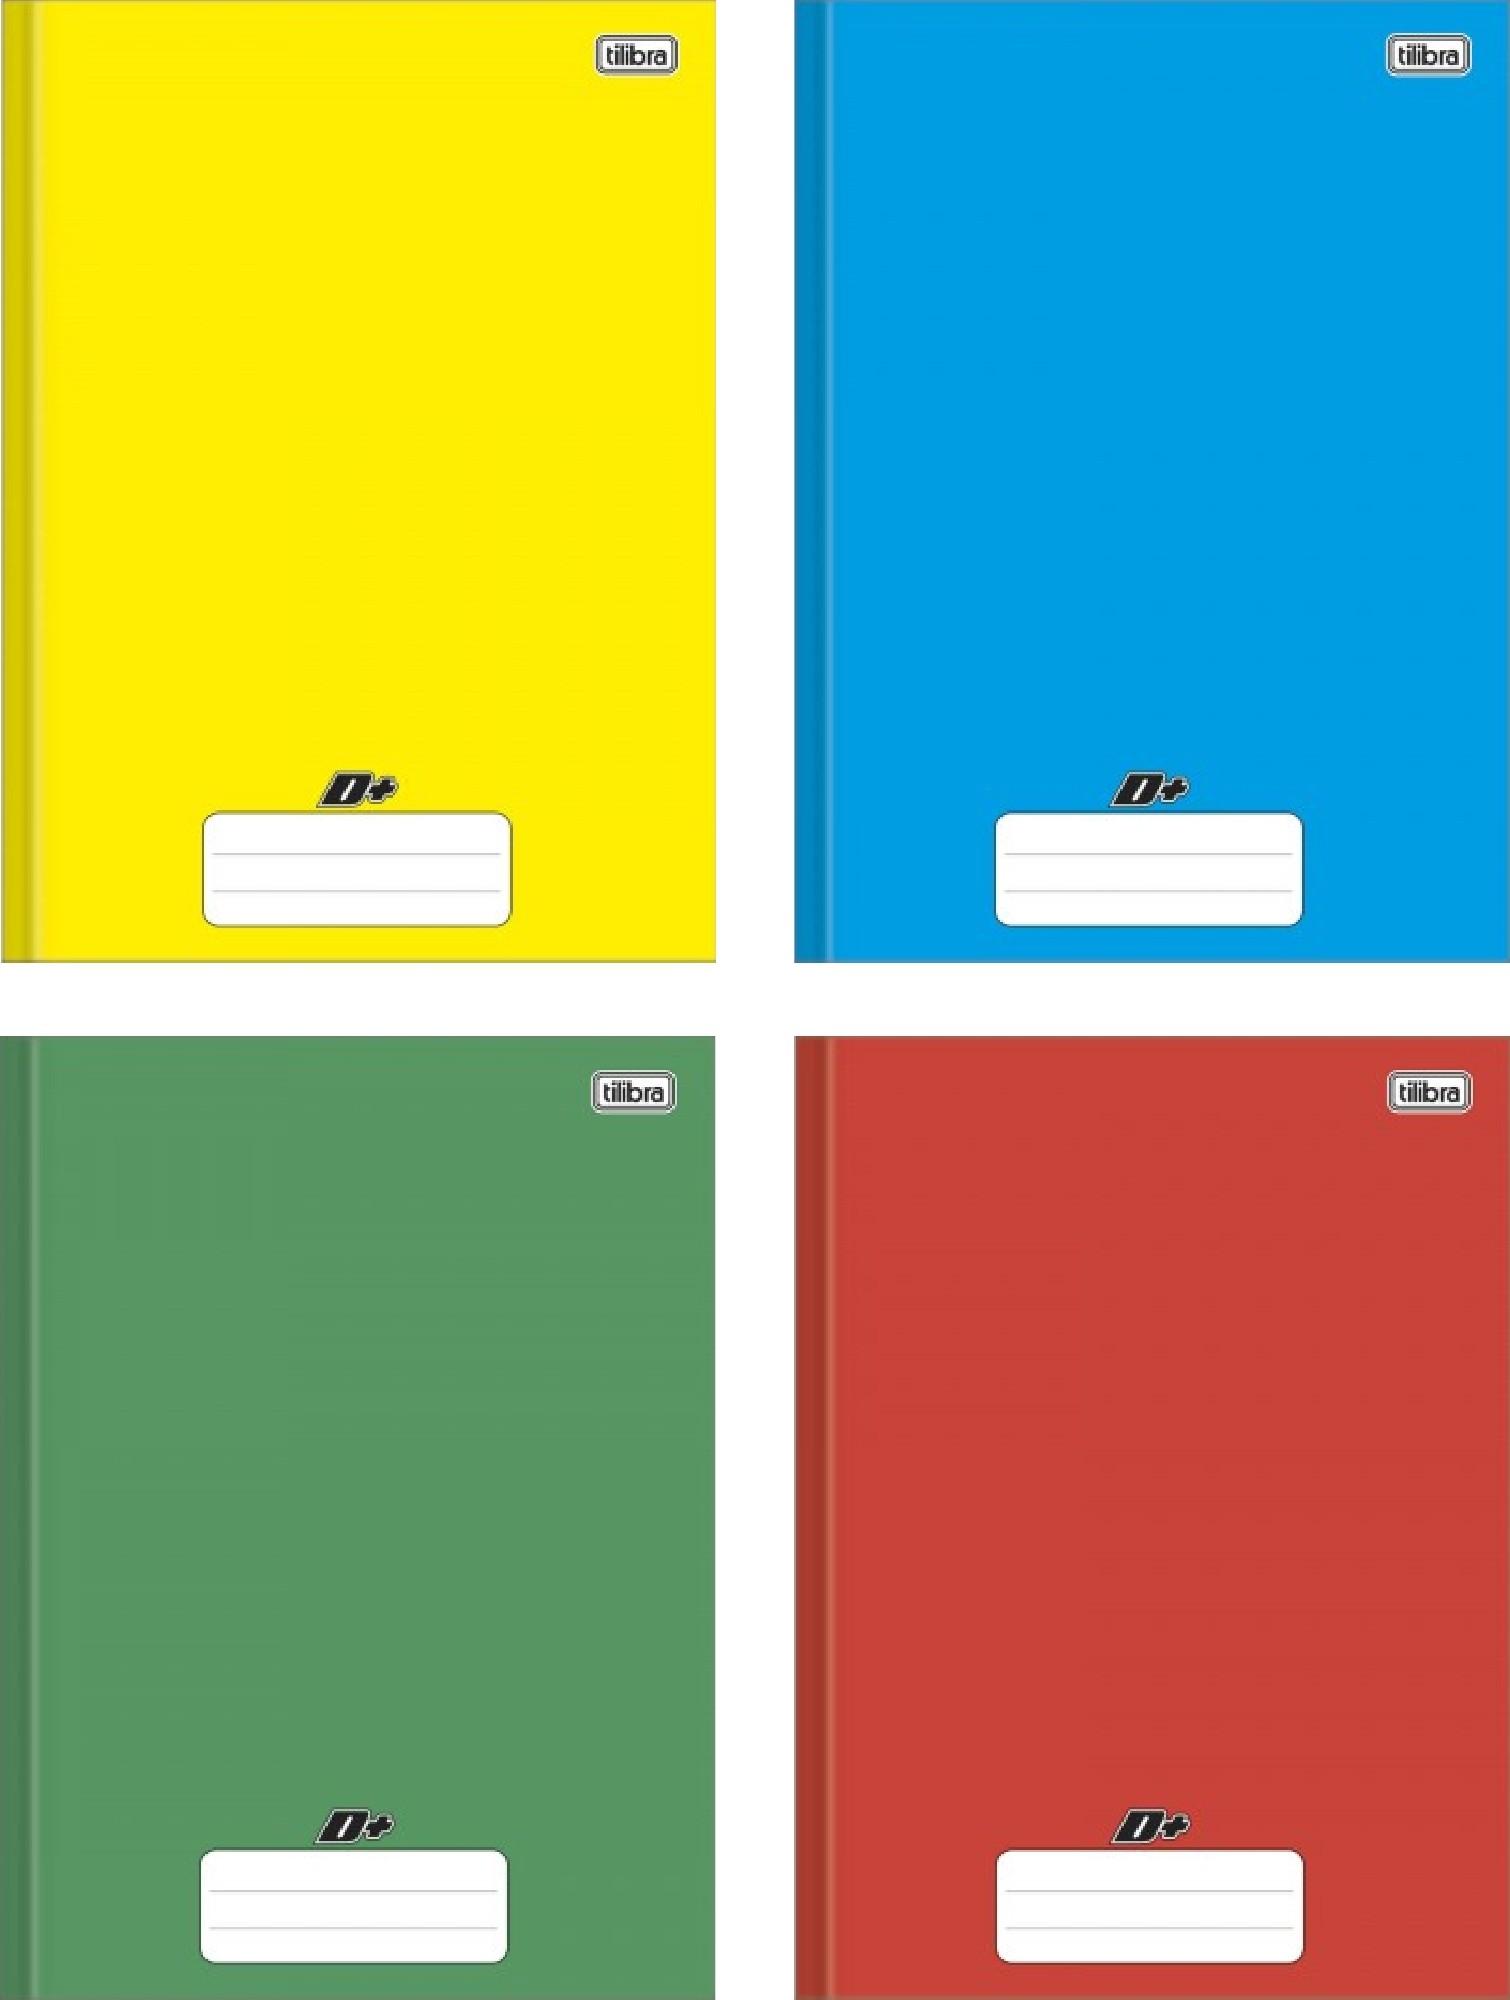 Caderno Brochurão Capa Dura Tilibra D+ Colorido